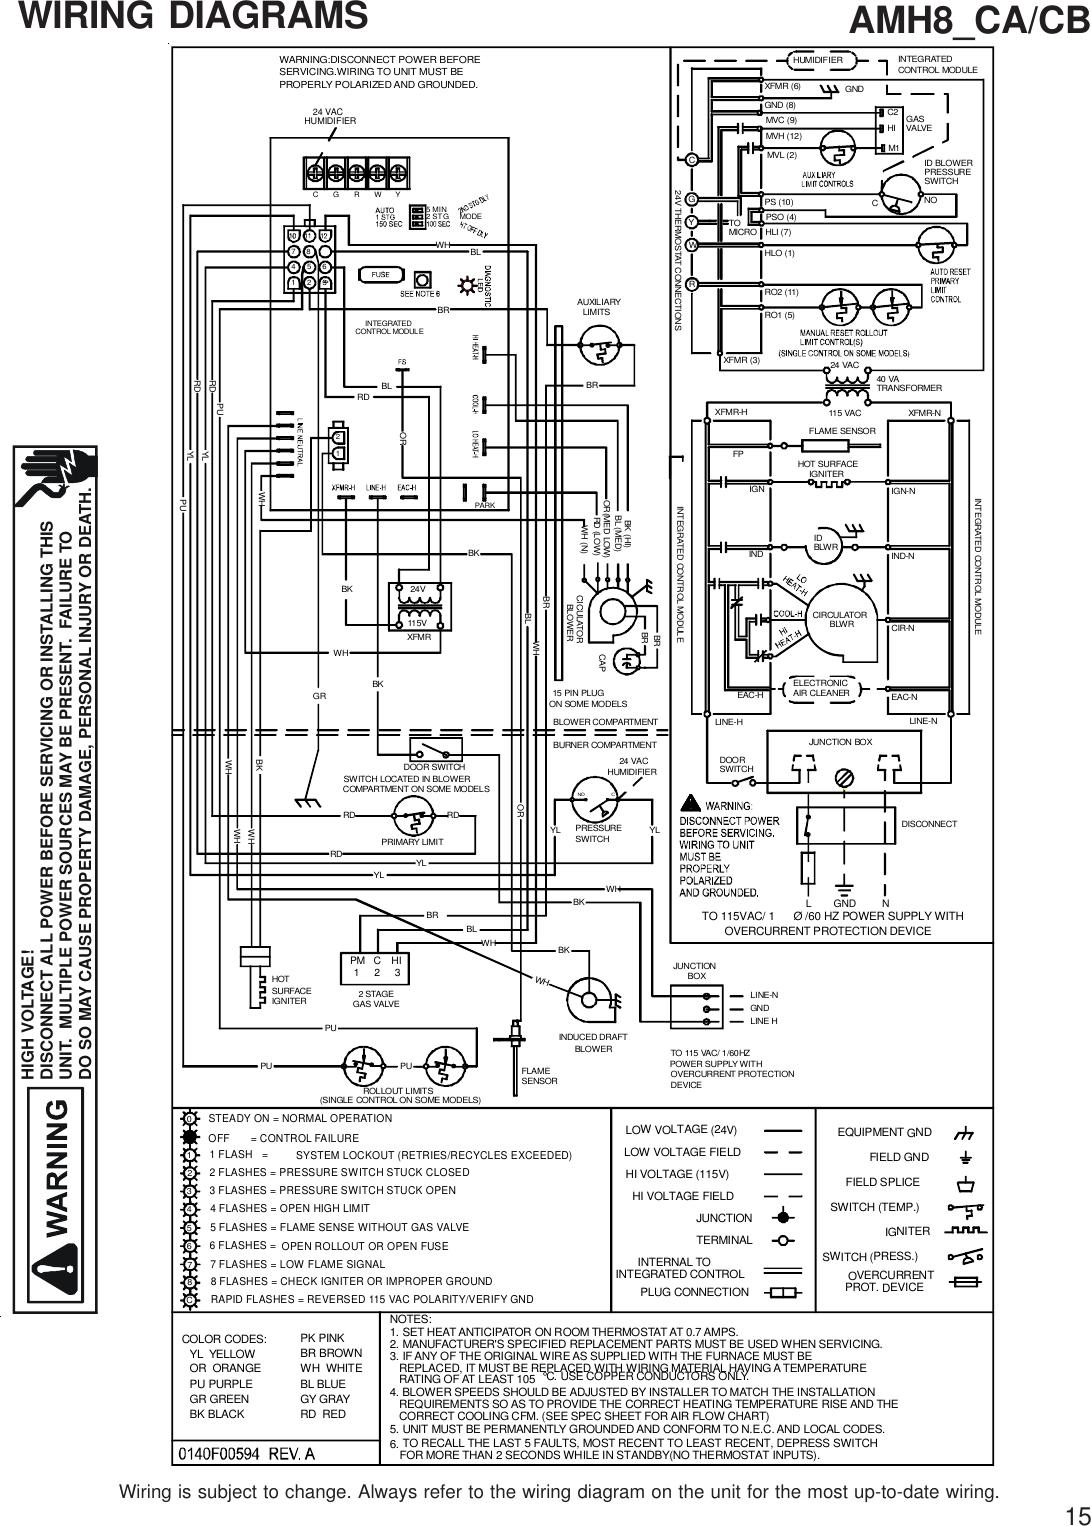 Amana Furnace Amh Users Manual